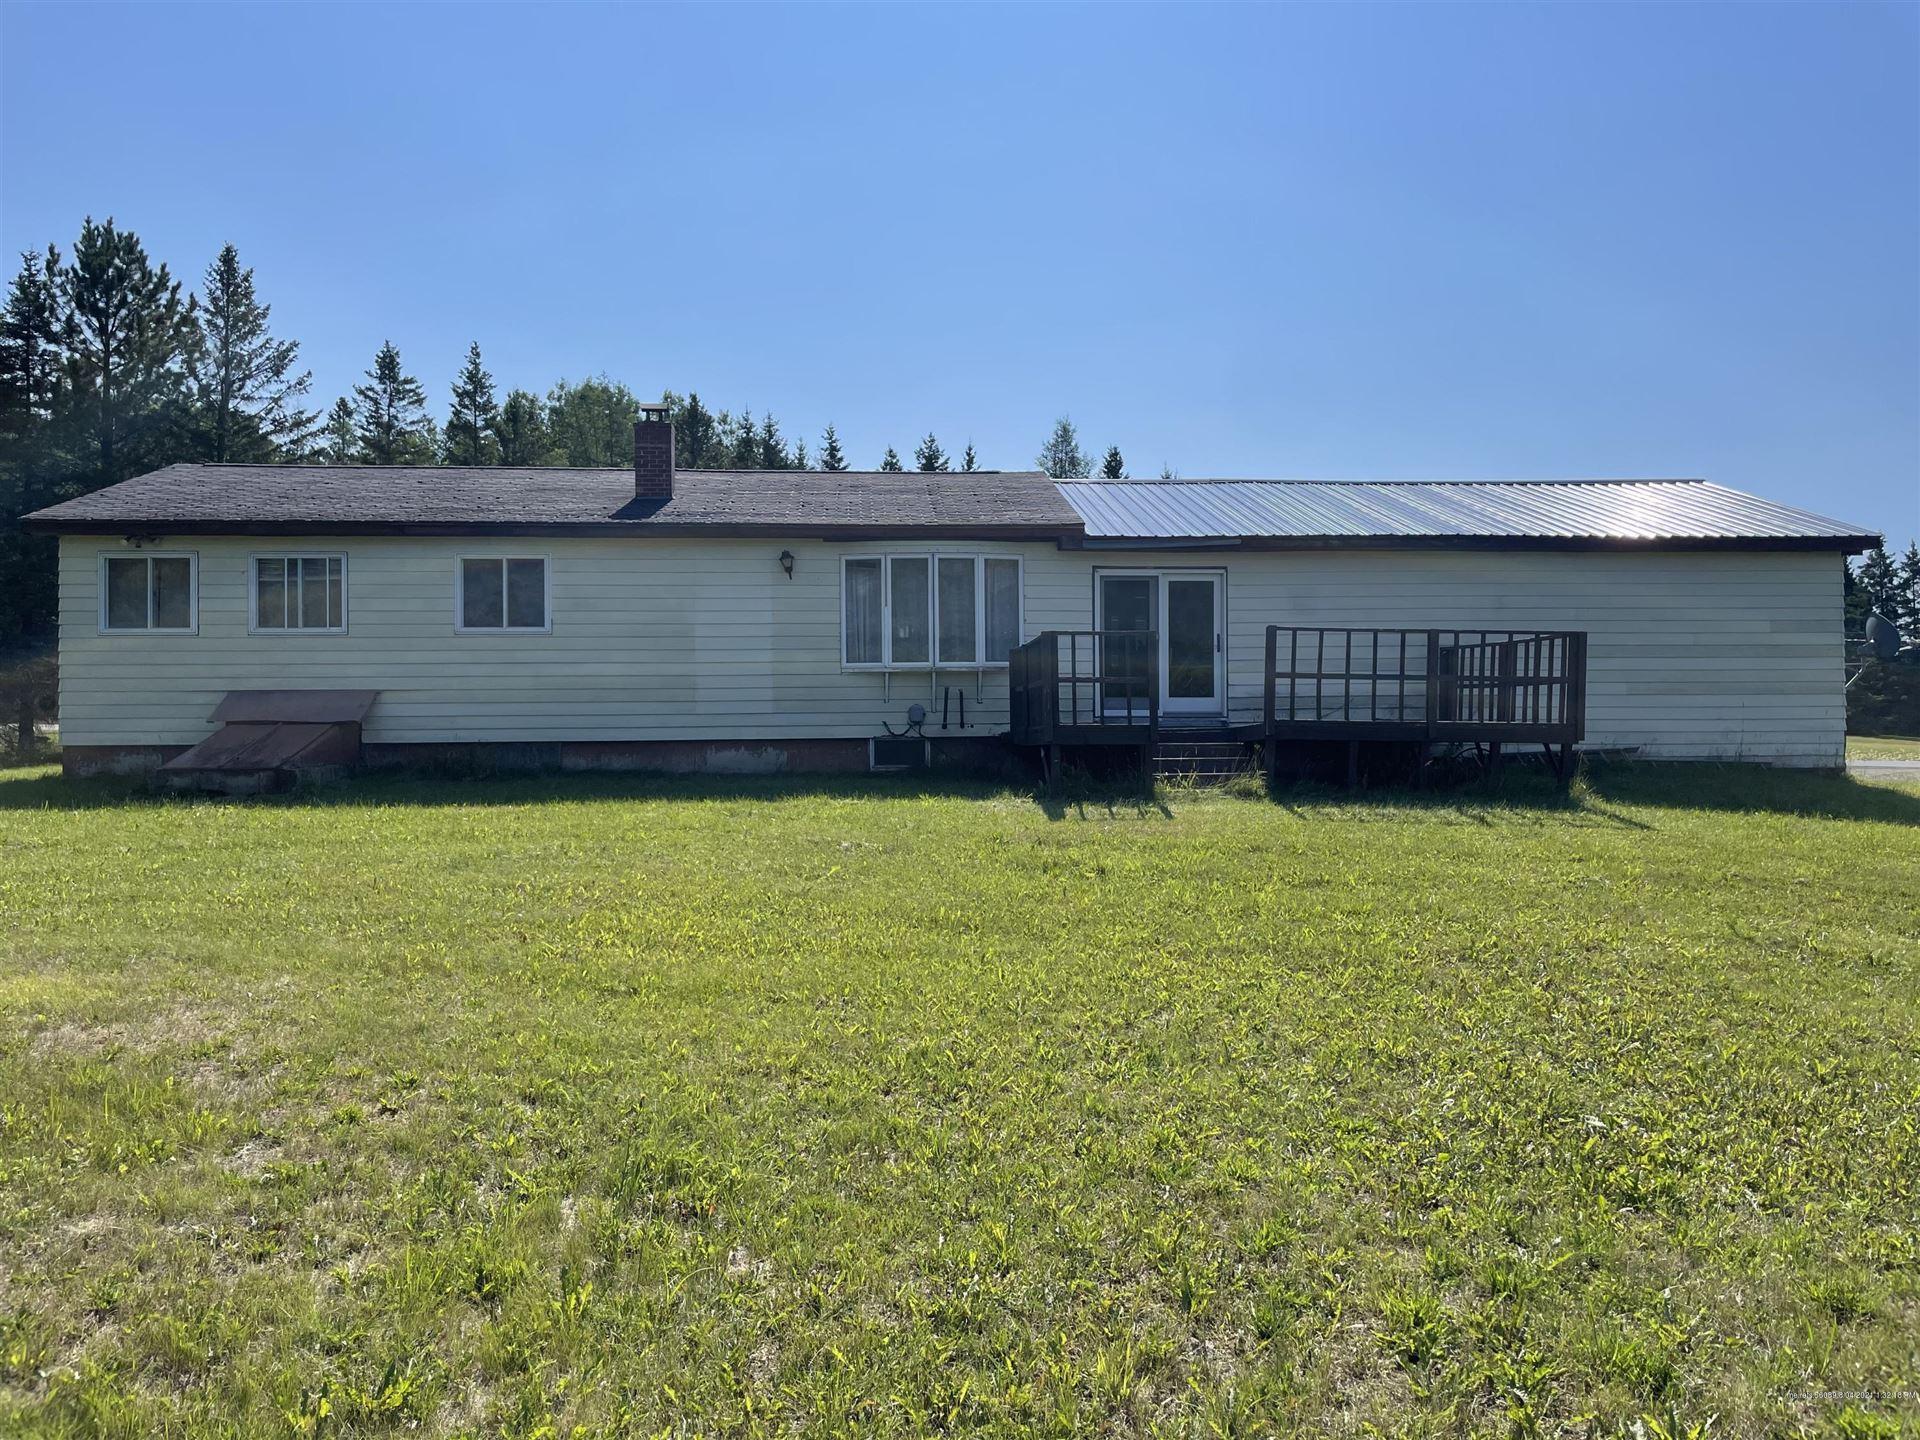 Photo of 2114 Van Buren Road, Connor Township, ME 04736 (MLS # 1503491)